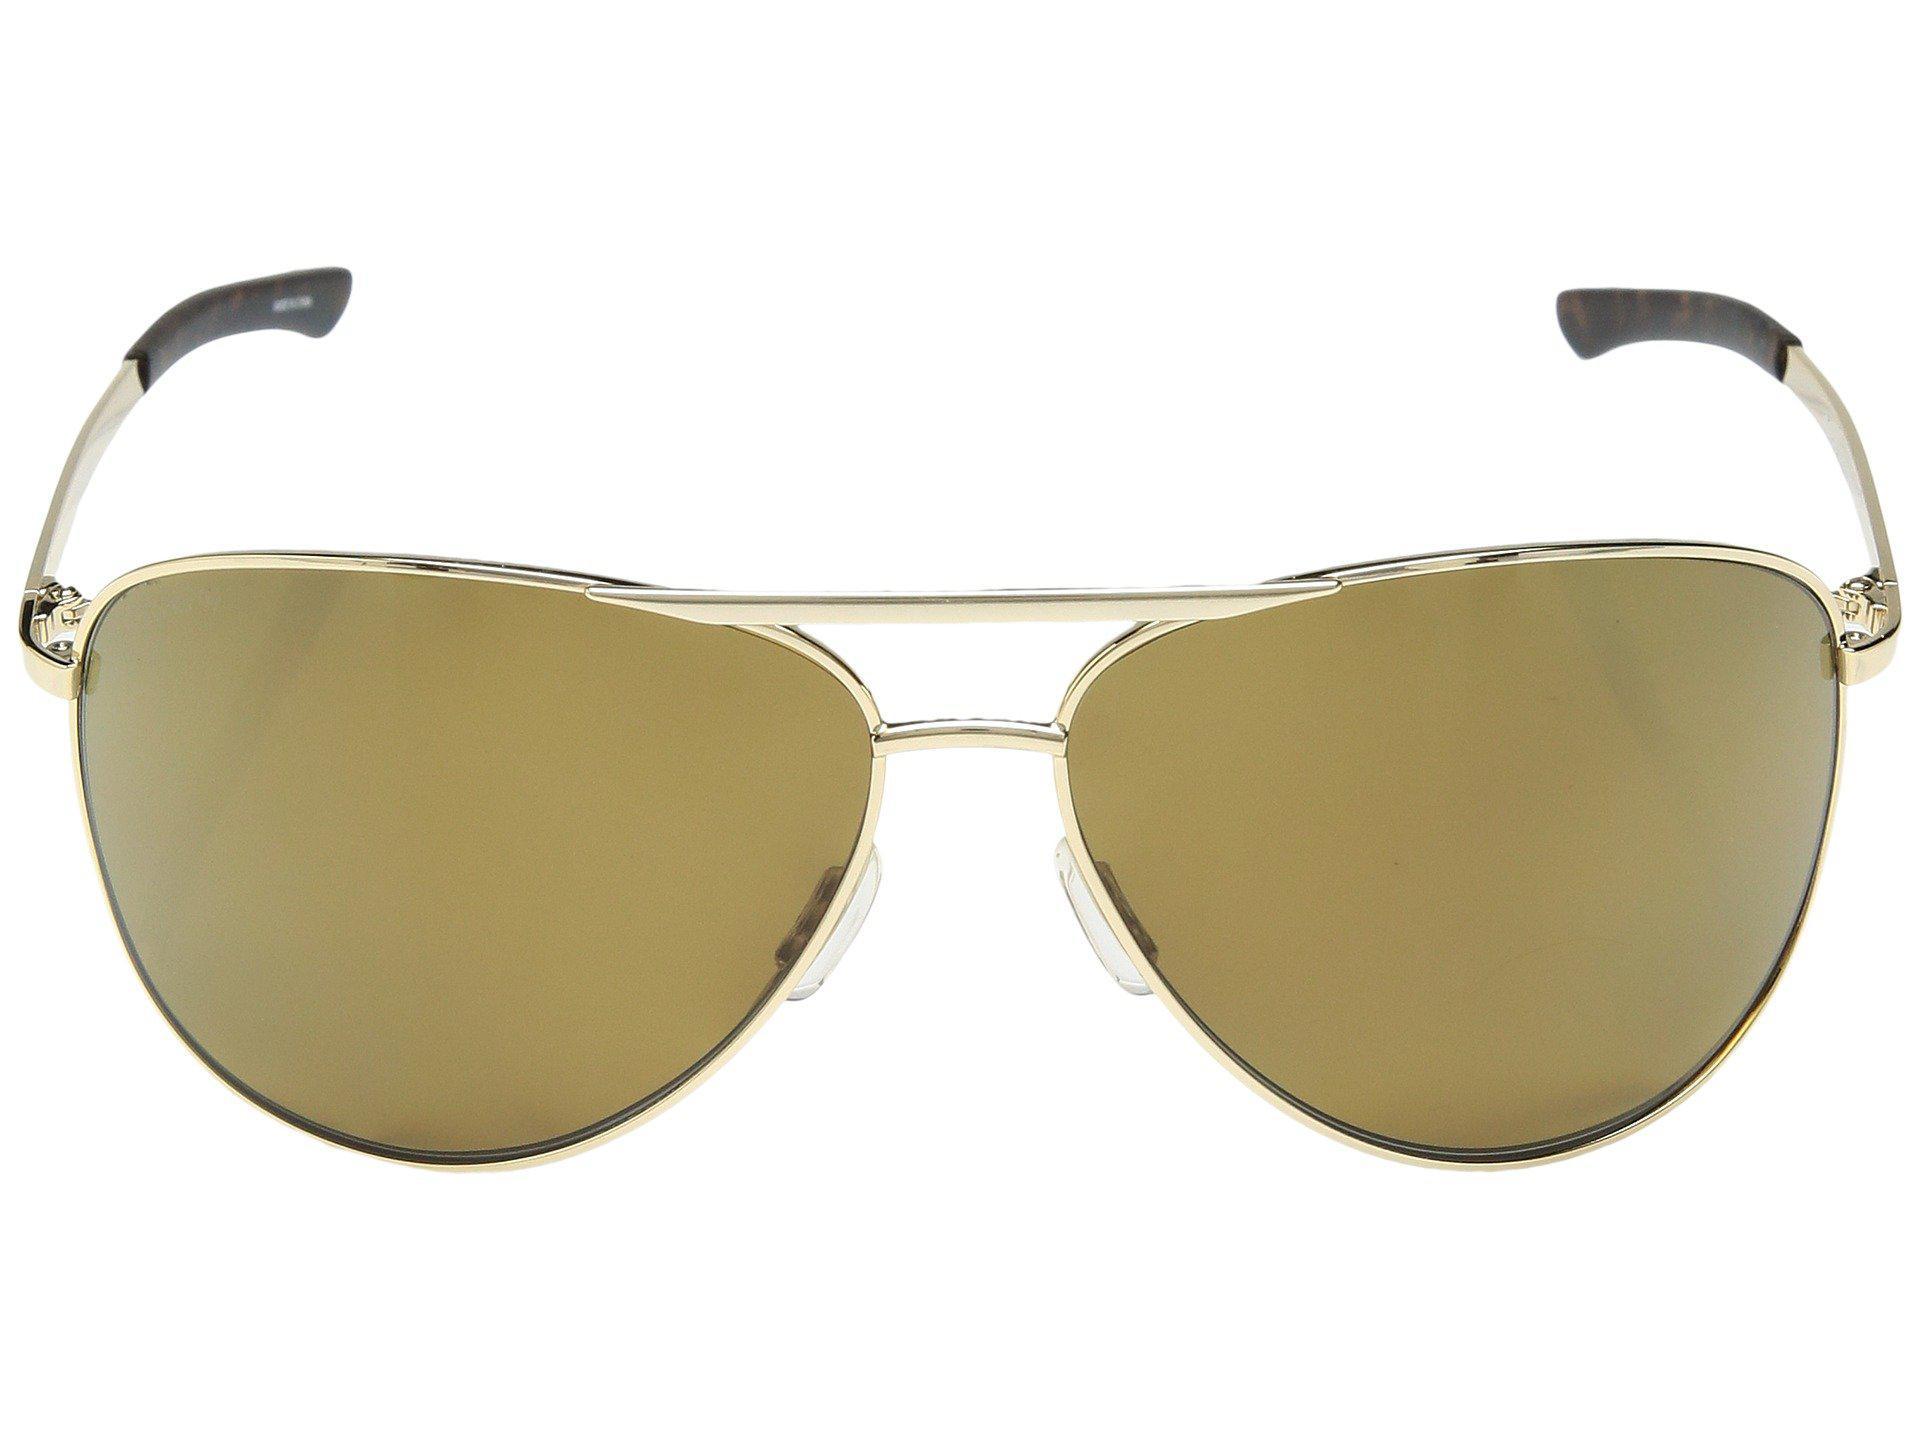 4843e2a1563 Lyst - Smith Optics Serpico 2 (gold brown Chromapoptm Polarized Lens ...